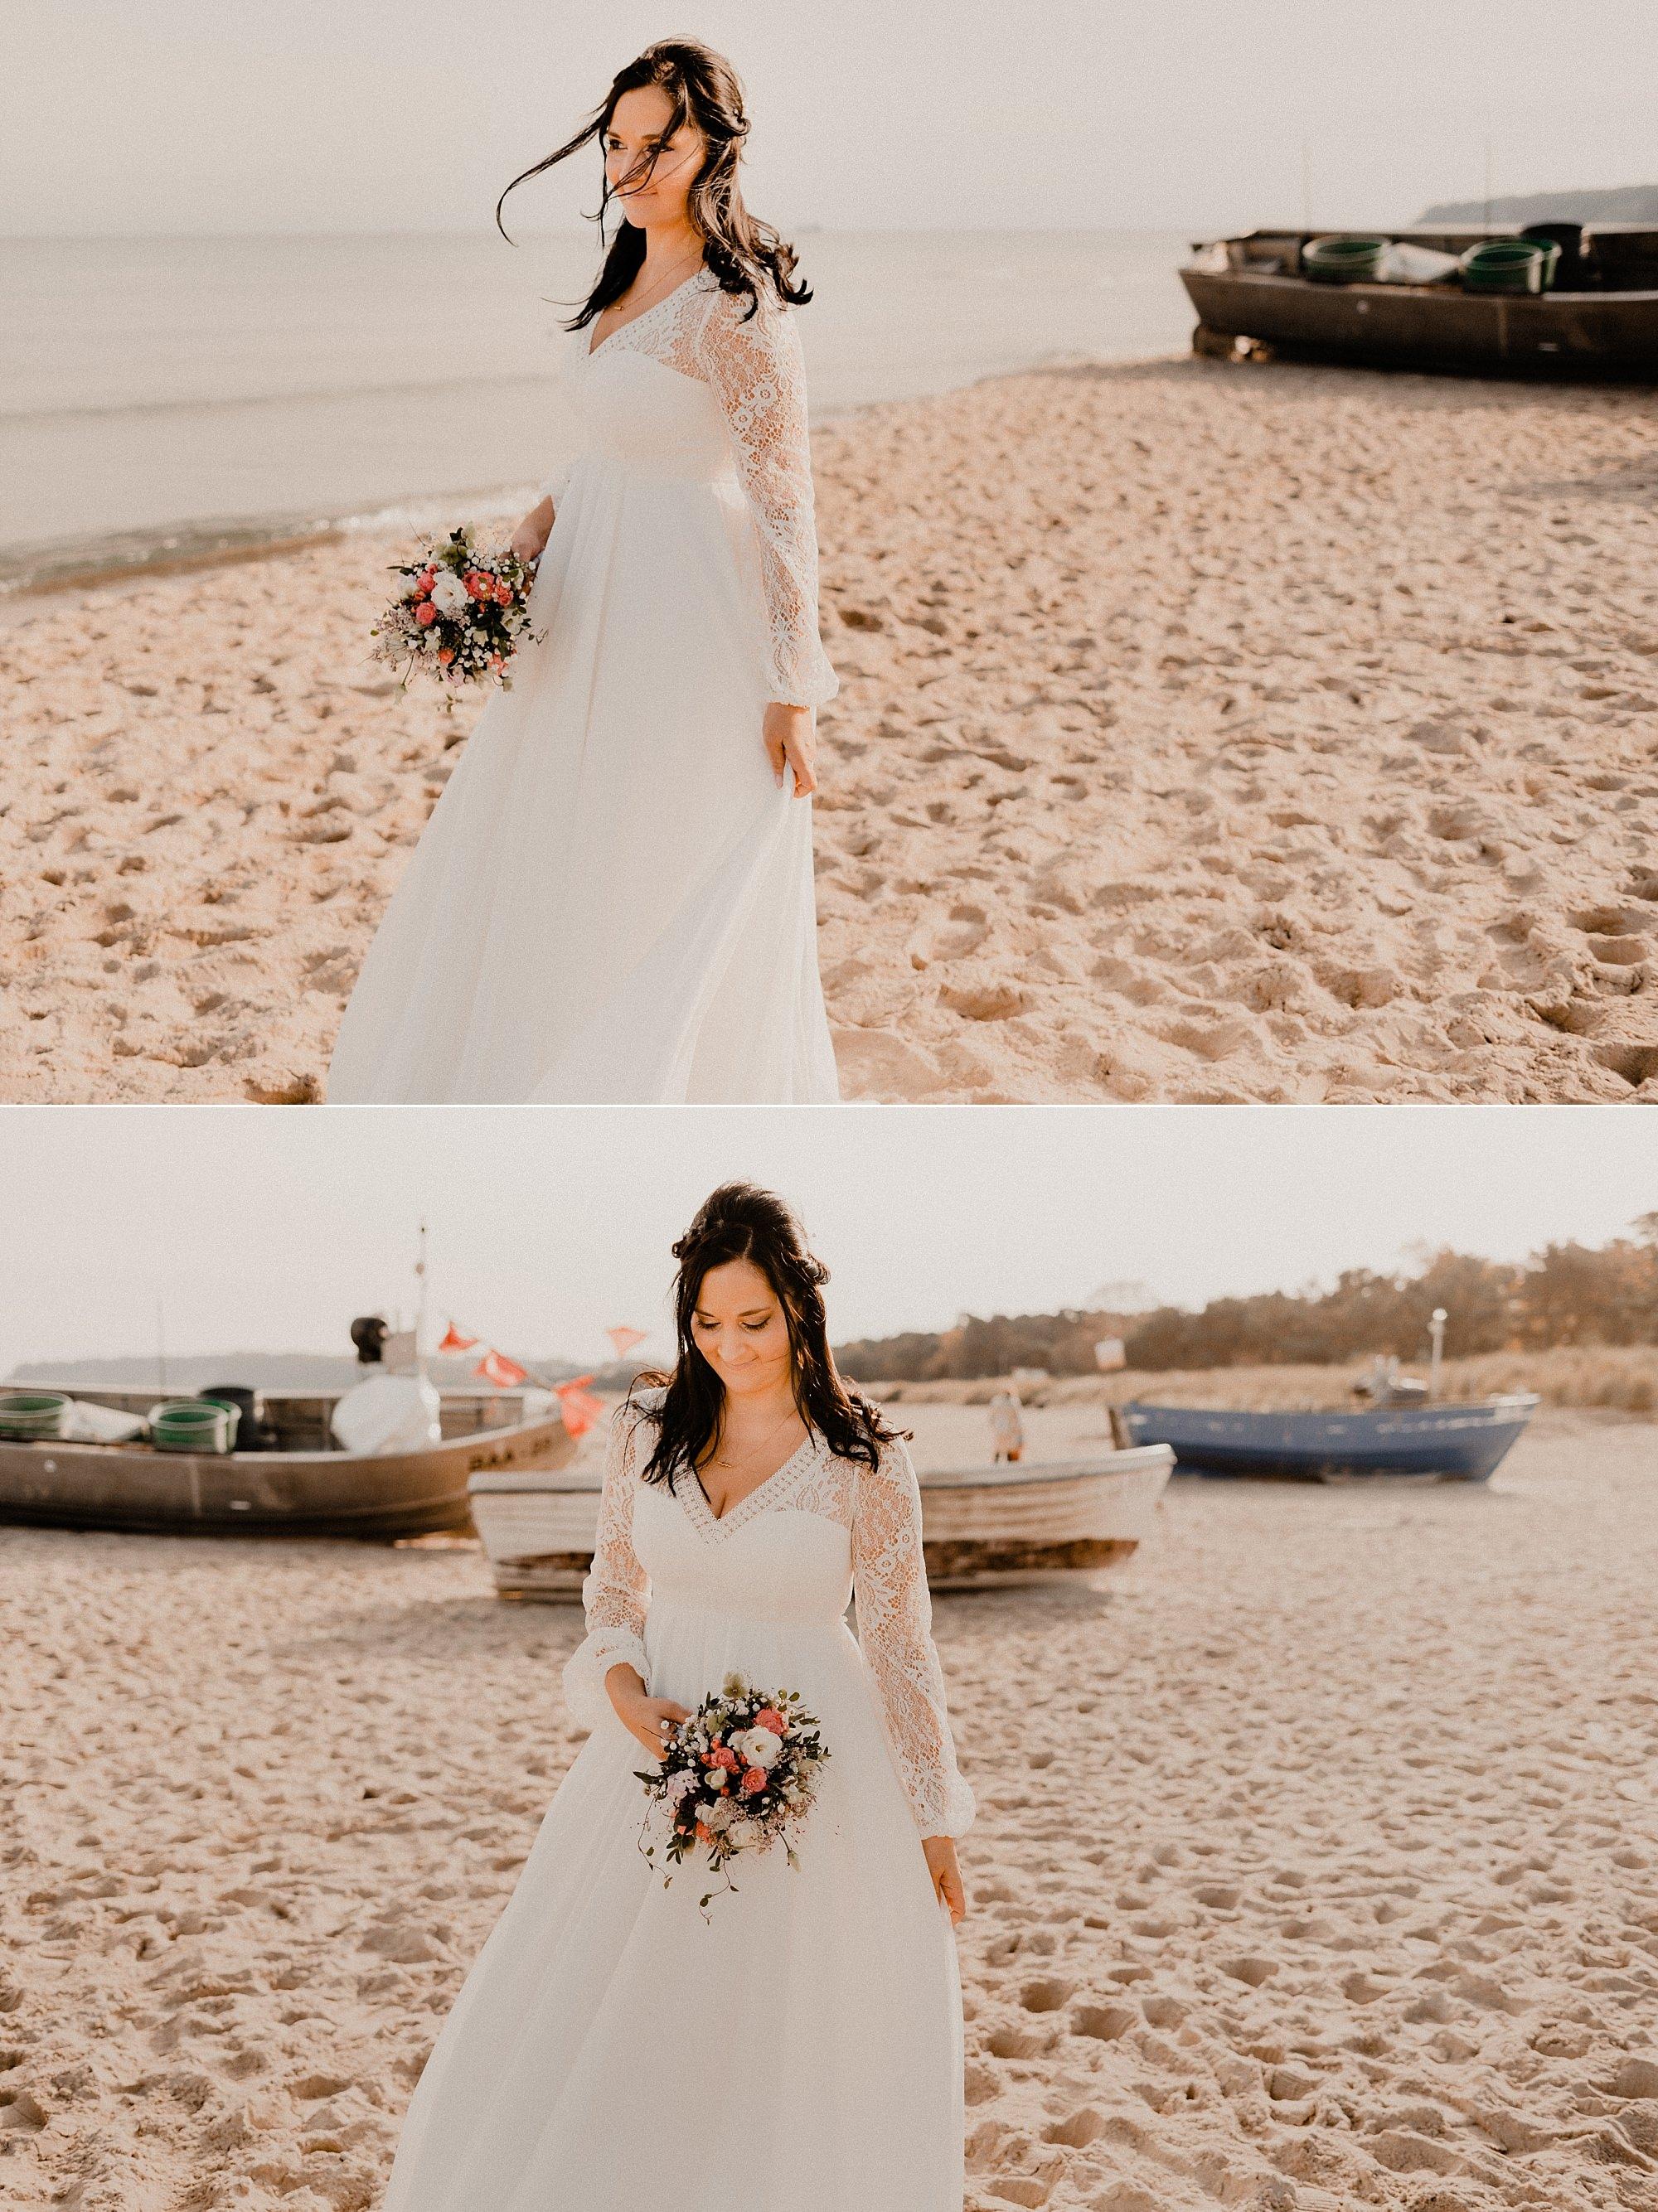 Fotograf - Baabe - Hochzeit - Hochzeitsfotograf - Sassnitz - Rügen - Hochzeitsfotos - Ostsee - Herbsthochzeit - Göhren - Heiraten - Seebrücke Sellin - Trauung - Kurhaus Binz